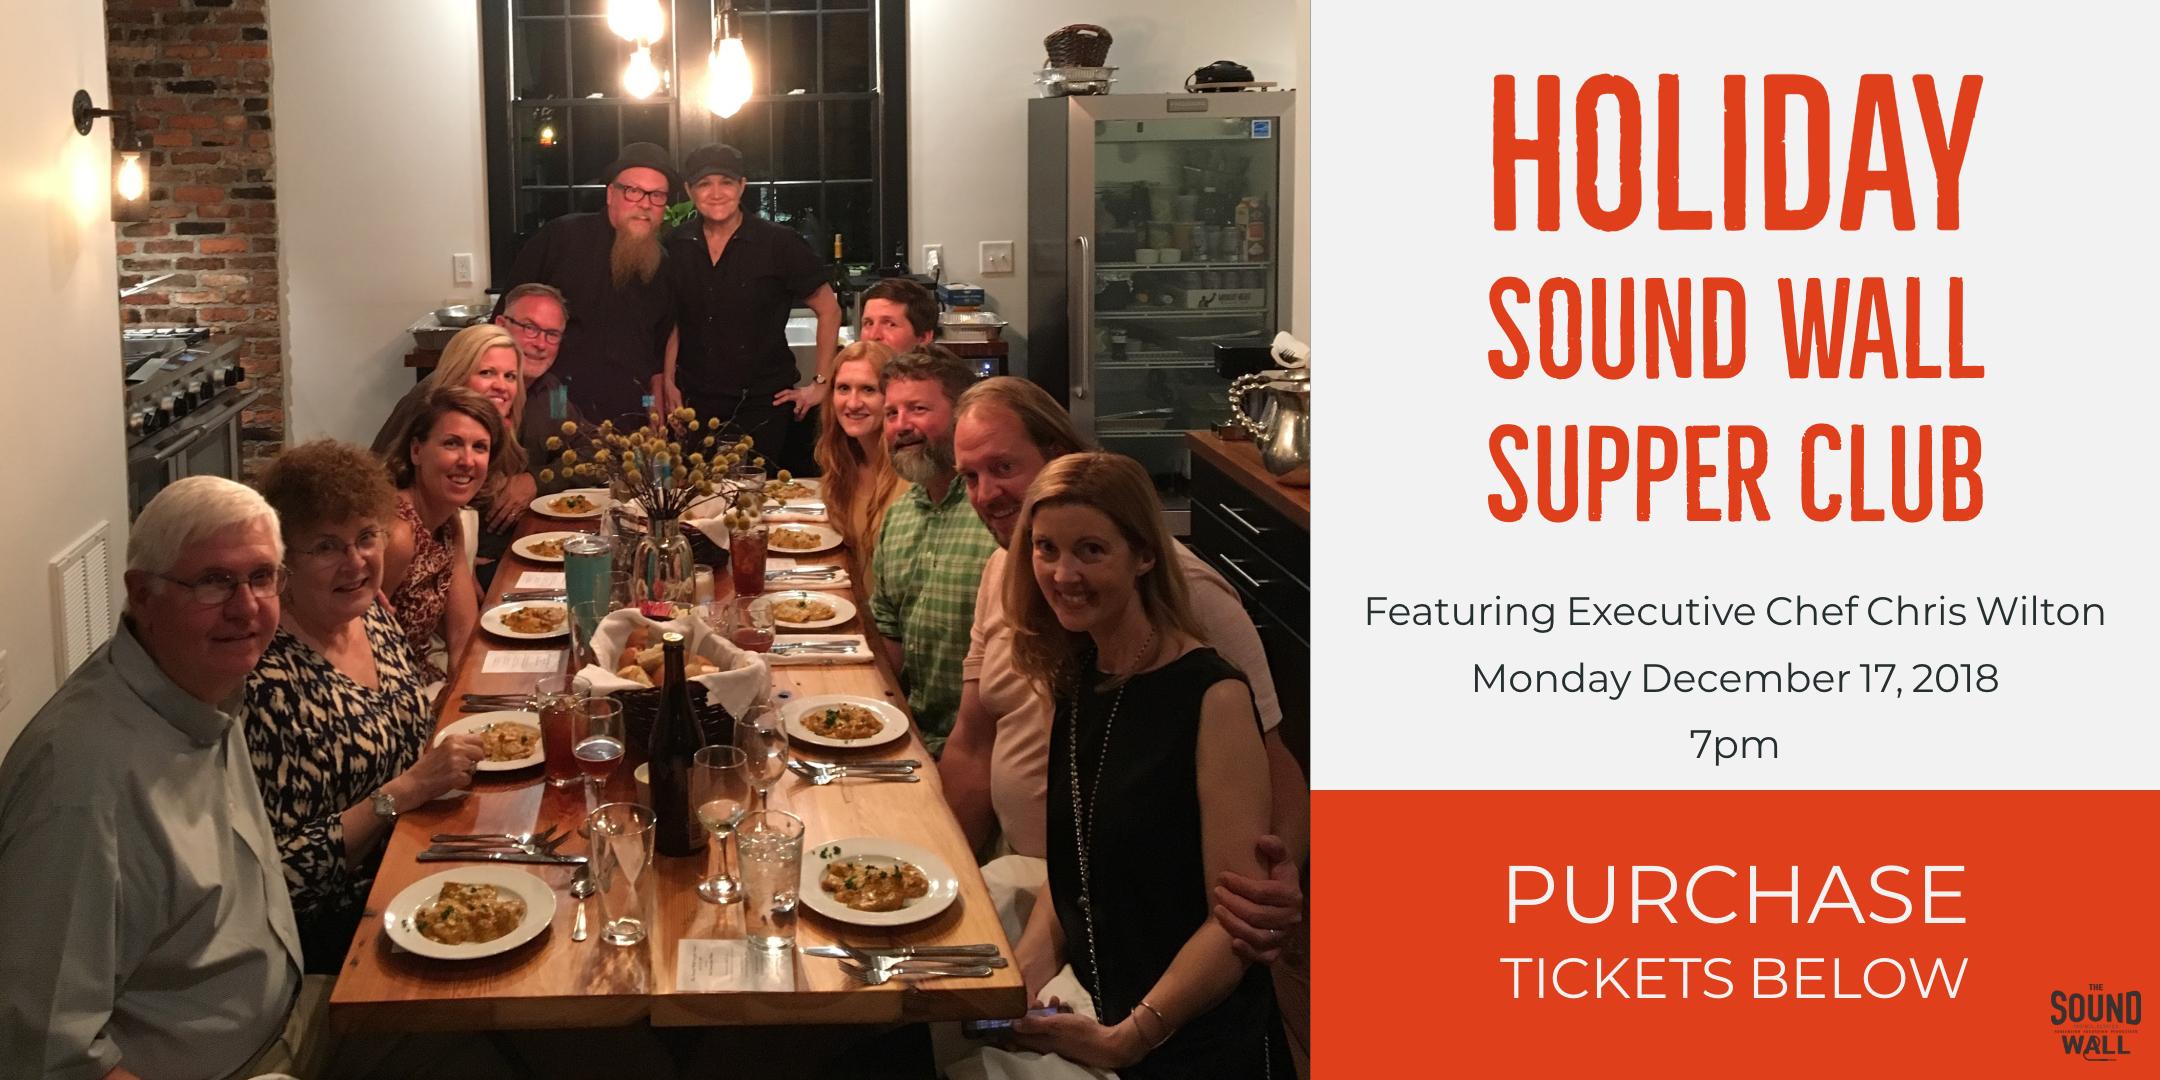 Holiday Supper Club (1).jpg